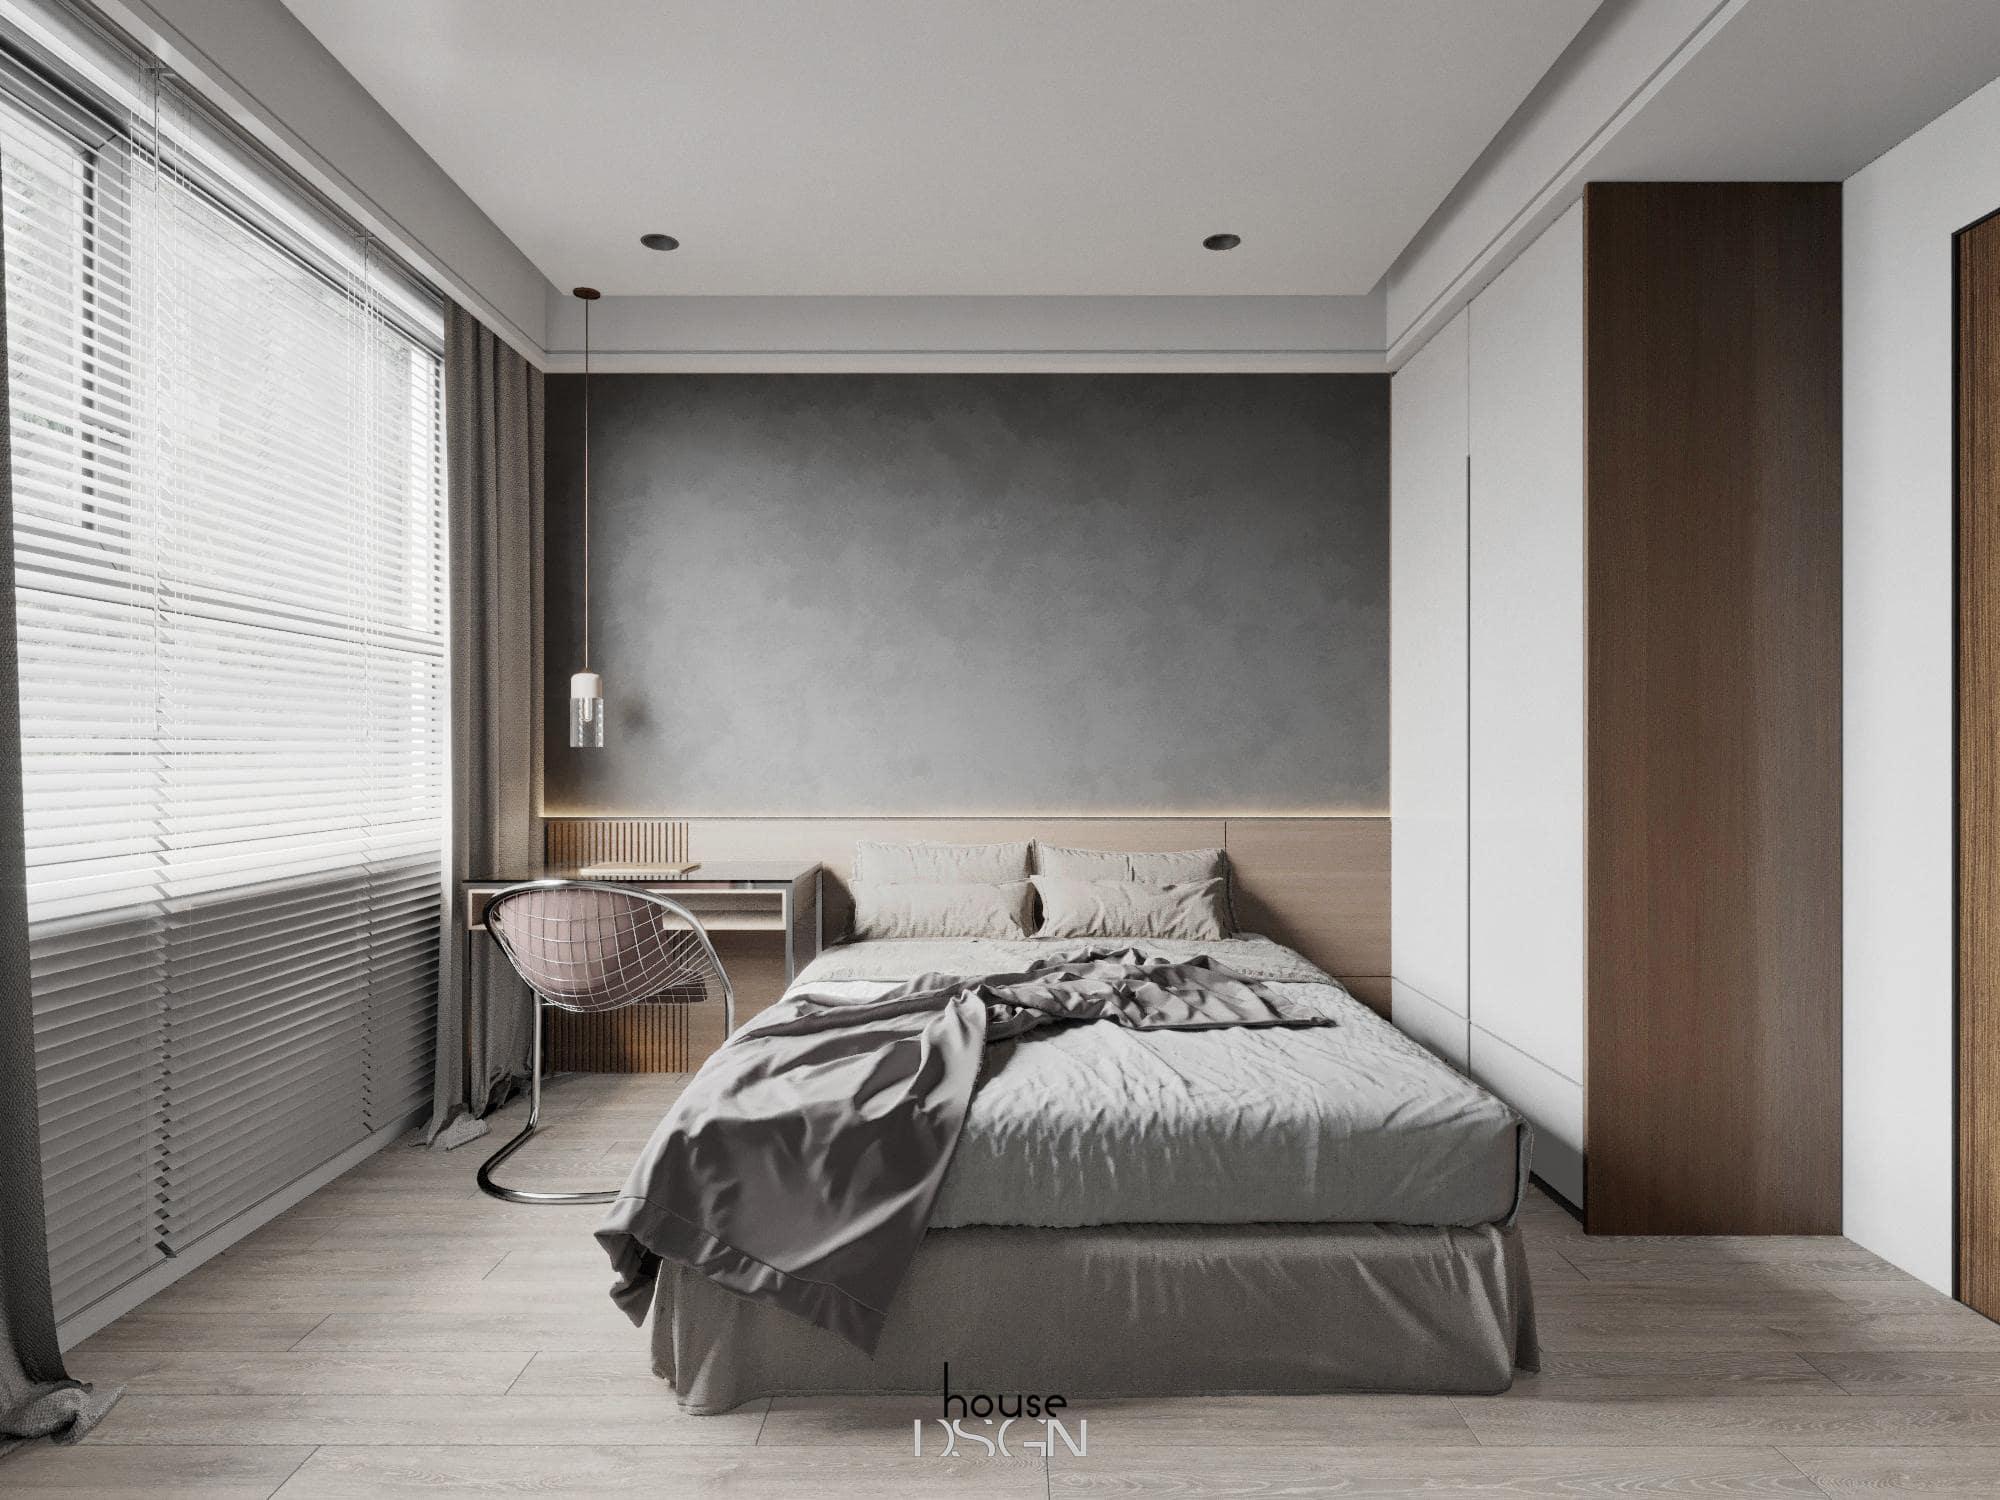 mẫu thiết kế nội thất biệt thự cao cấp